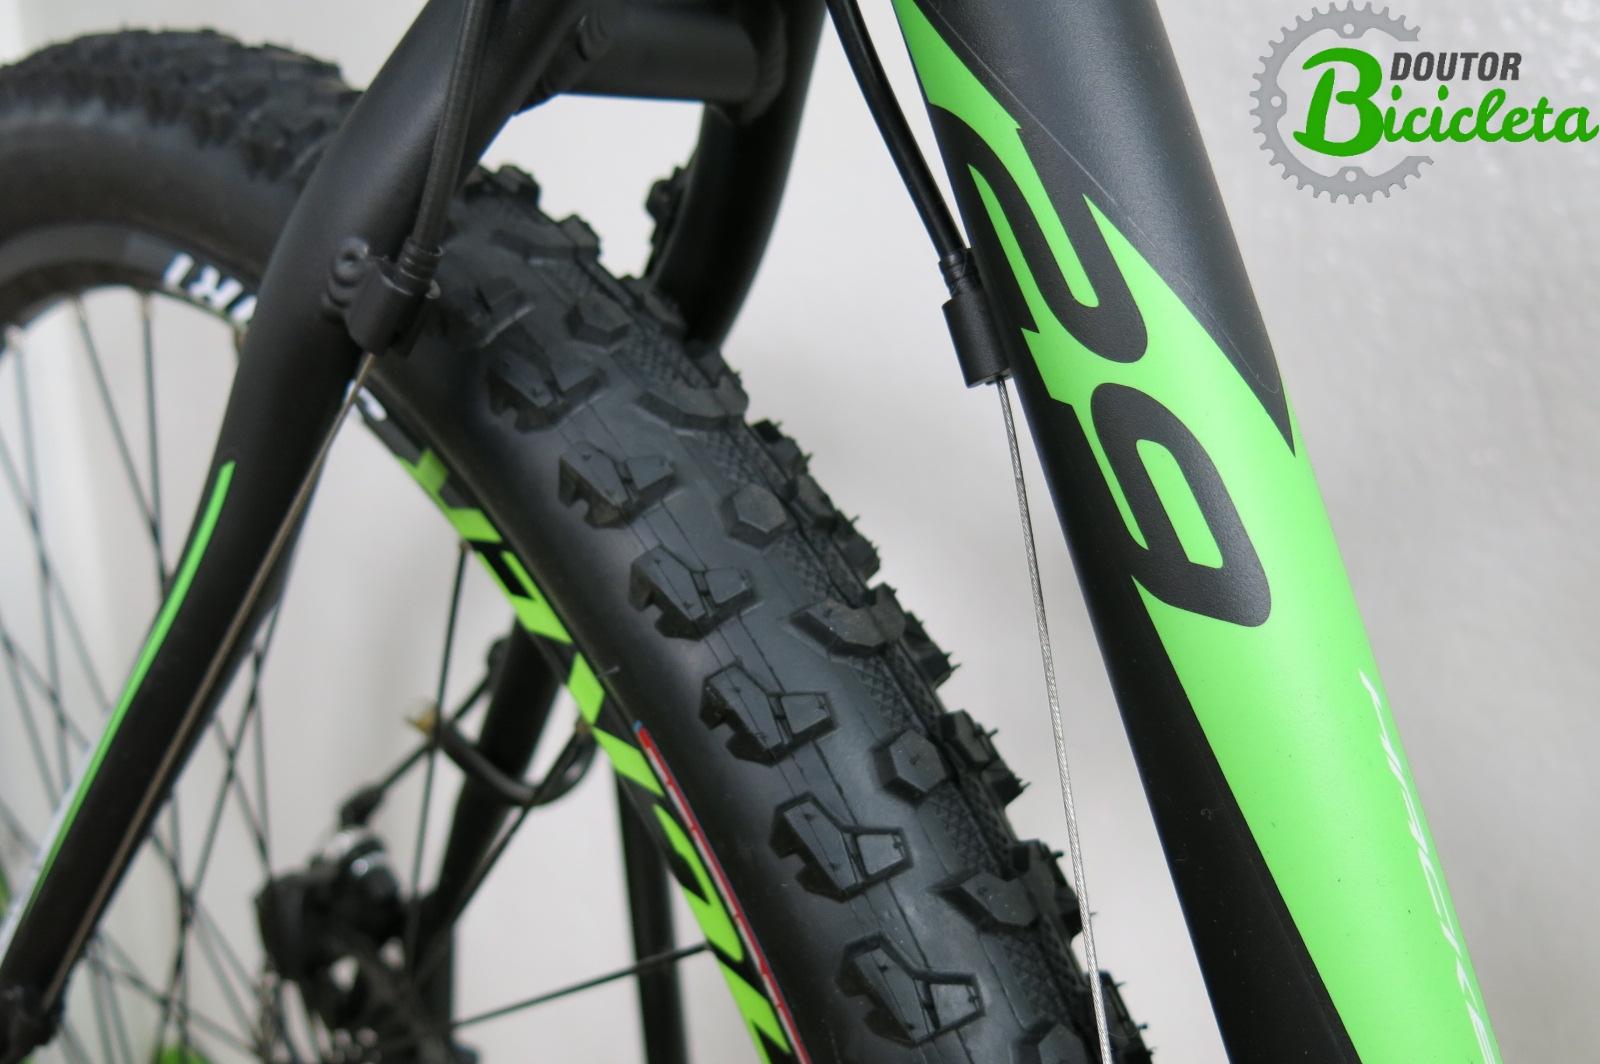 96f3d41b3 Bicicleta Aro 29 x Bicicleta Aro 26 – qual é a diferença